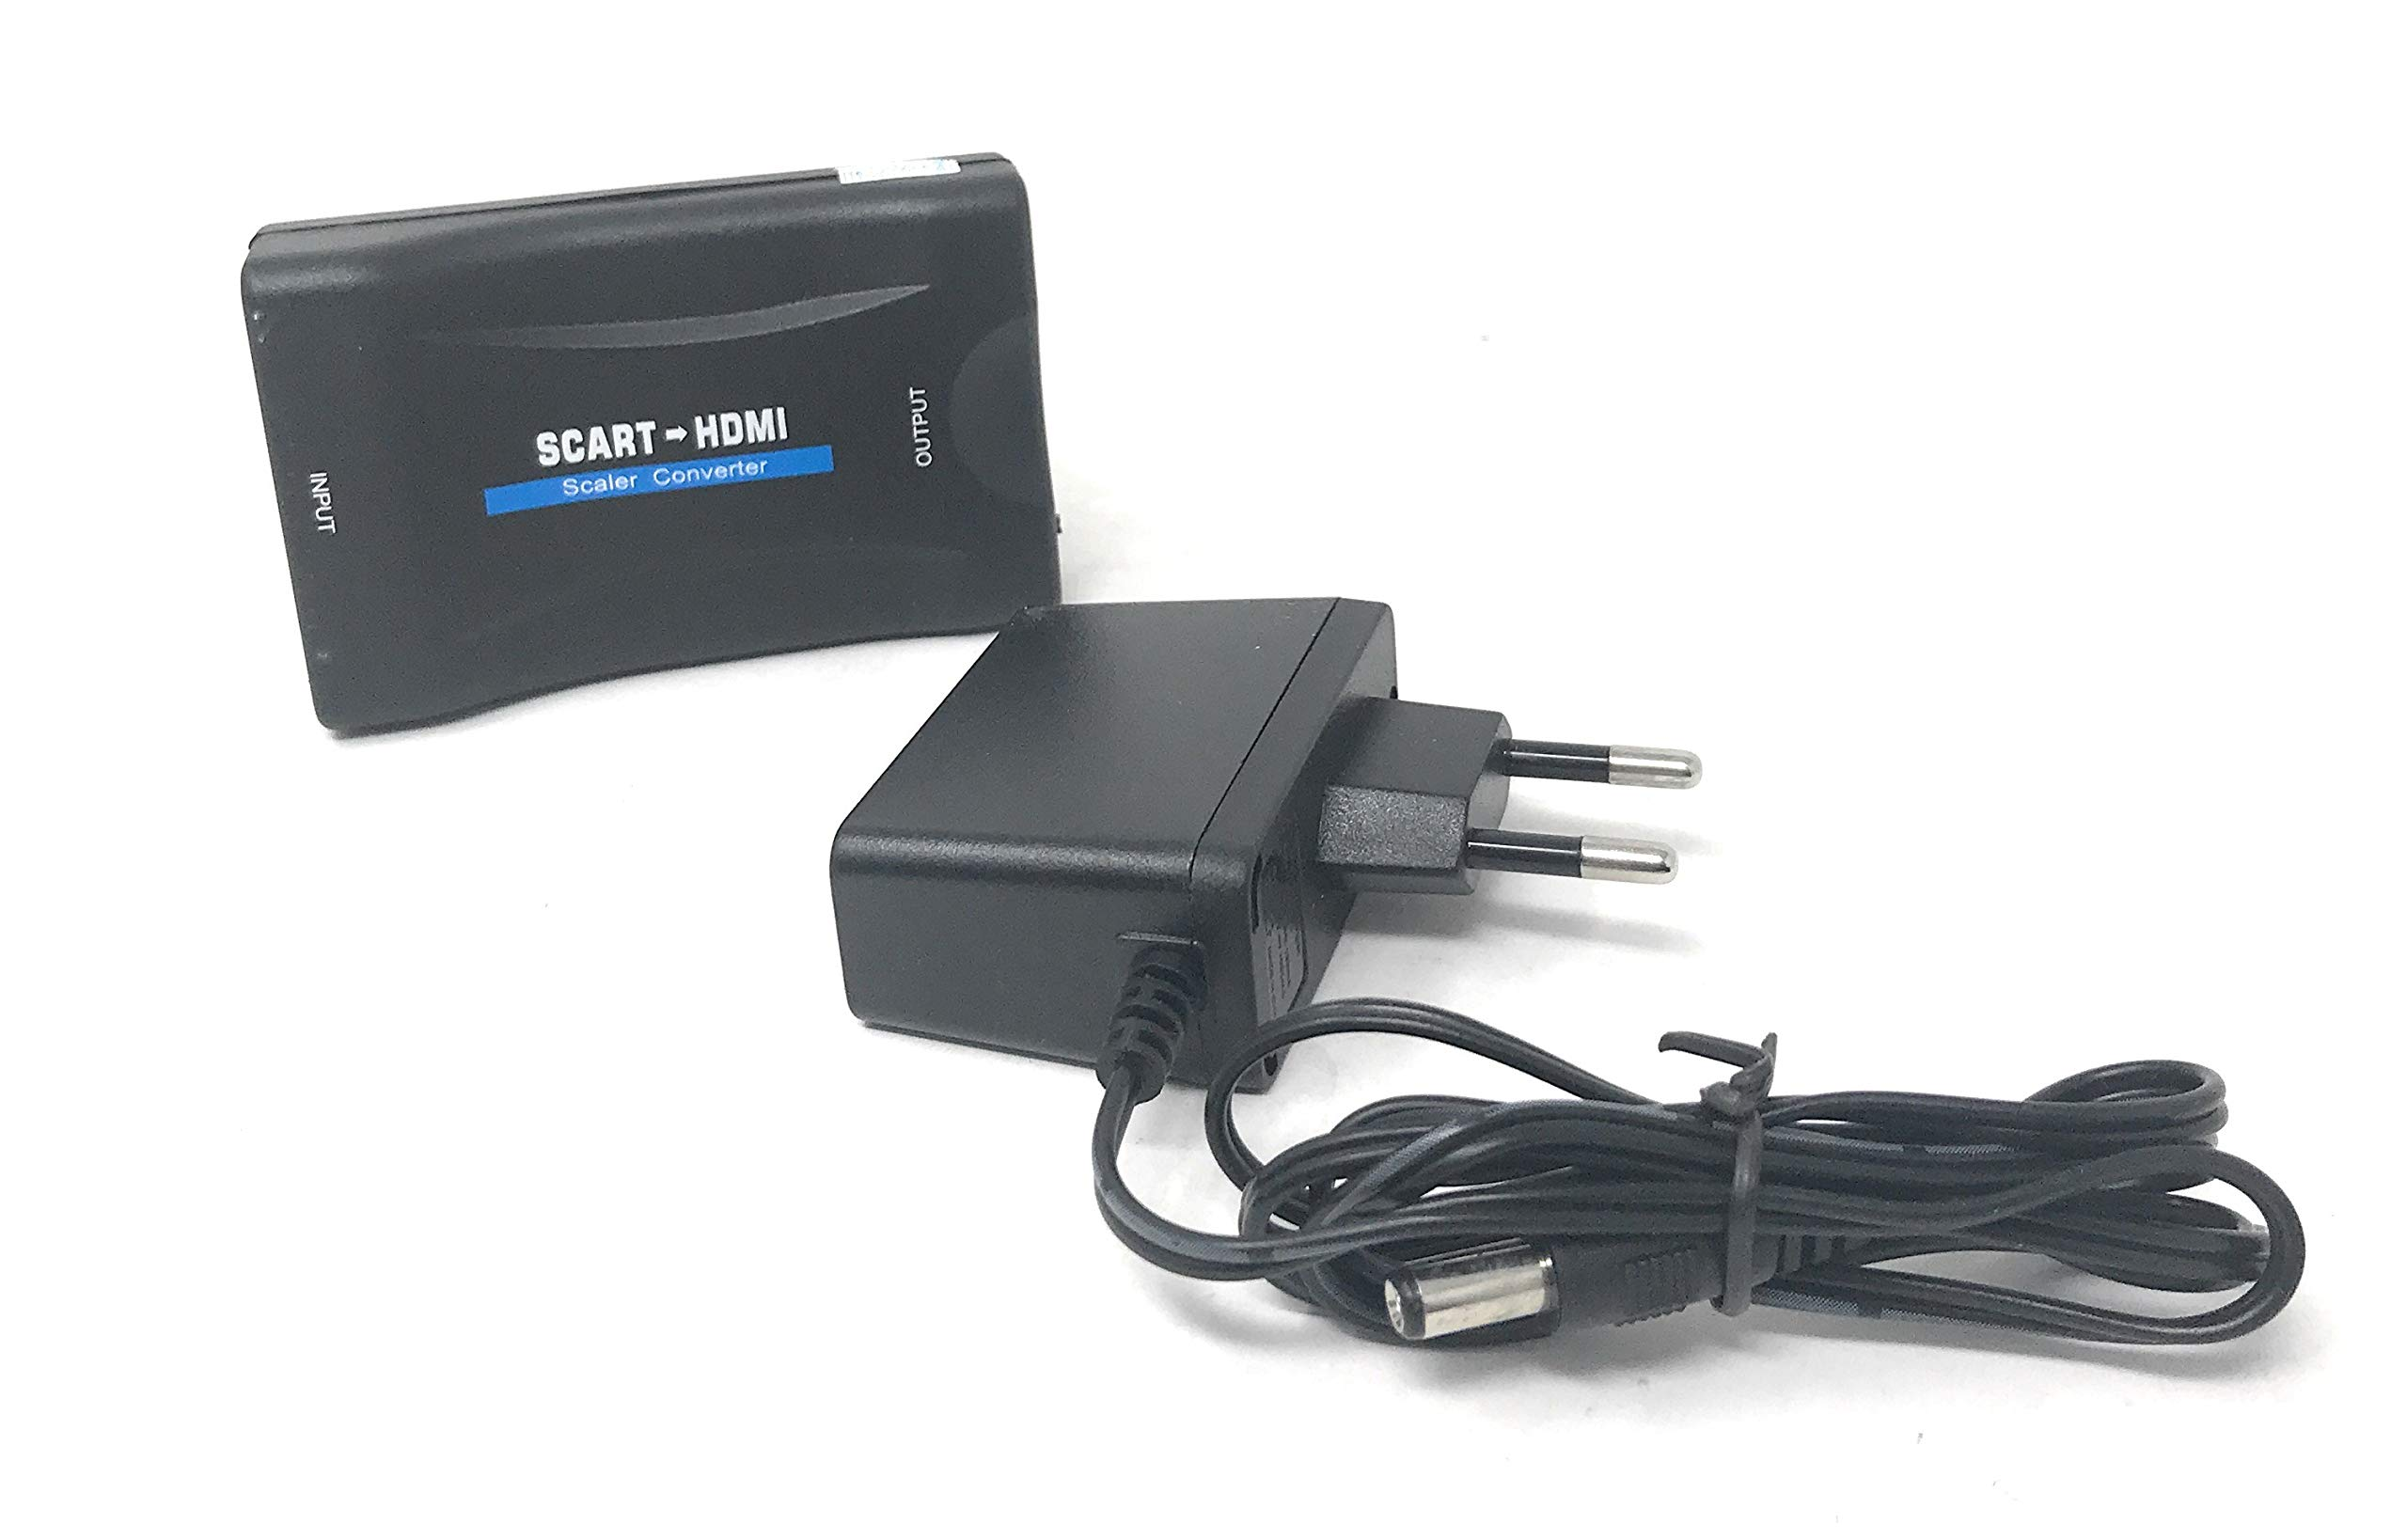 Tiempo de saldi Adaptador Convertidor para TV con toma hembra de euroconector compuesto a HDMI 1080P: Amazon.es: Electrónica